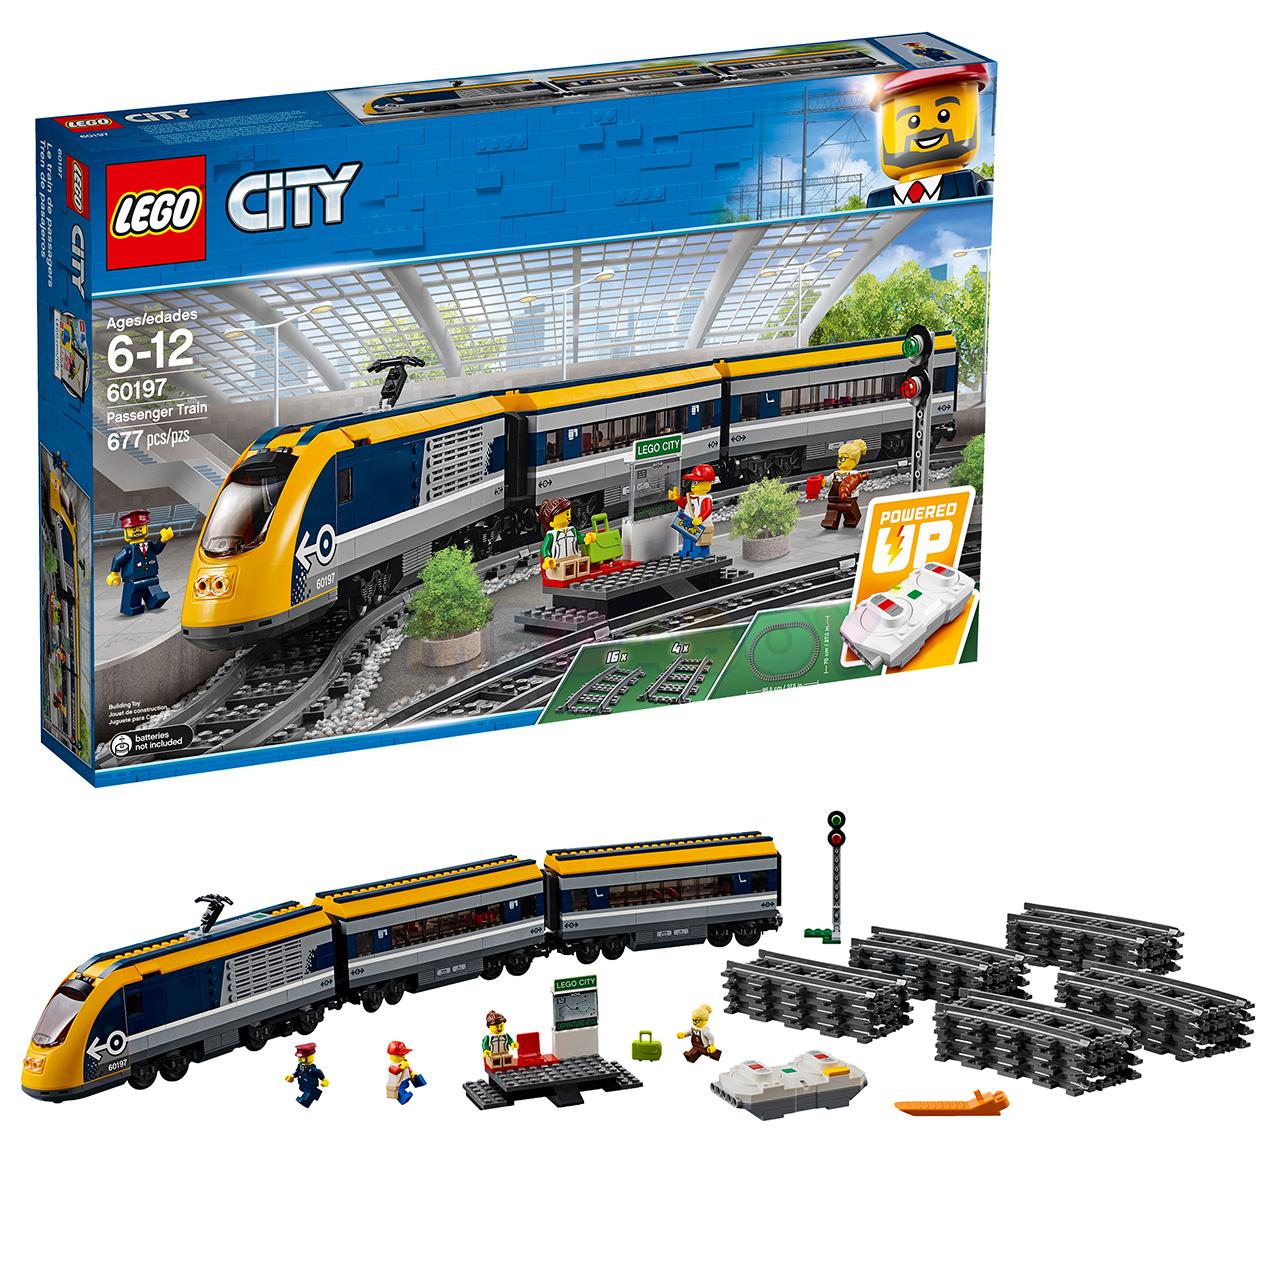 Лего поезд 60197 купить